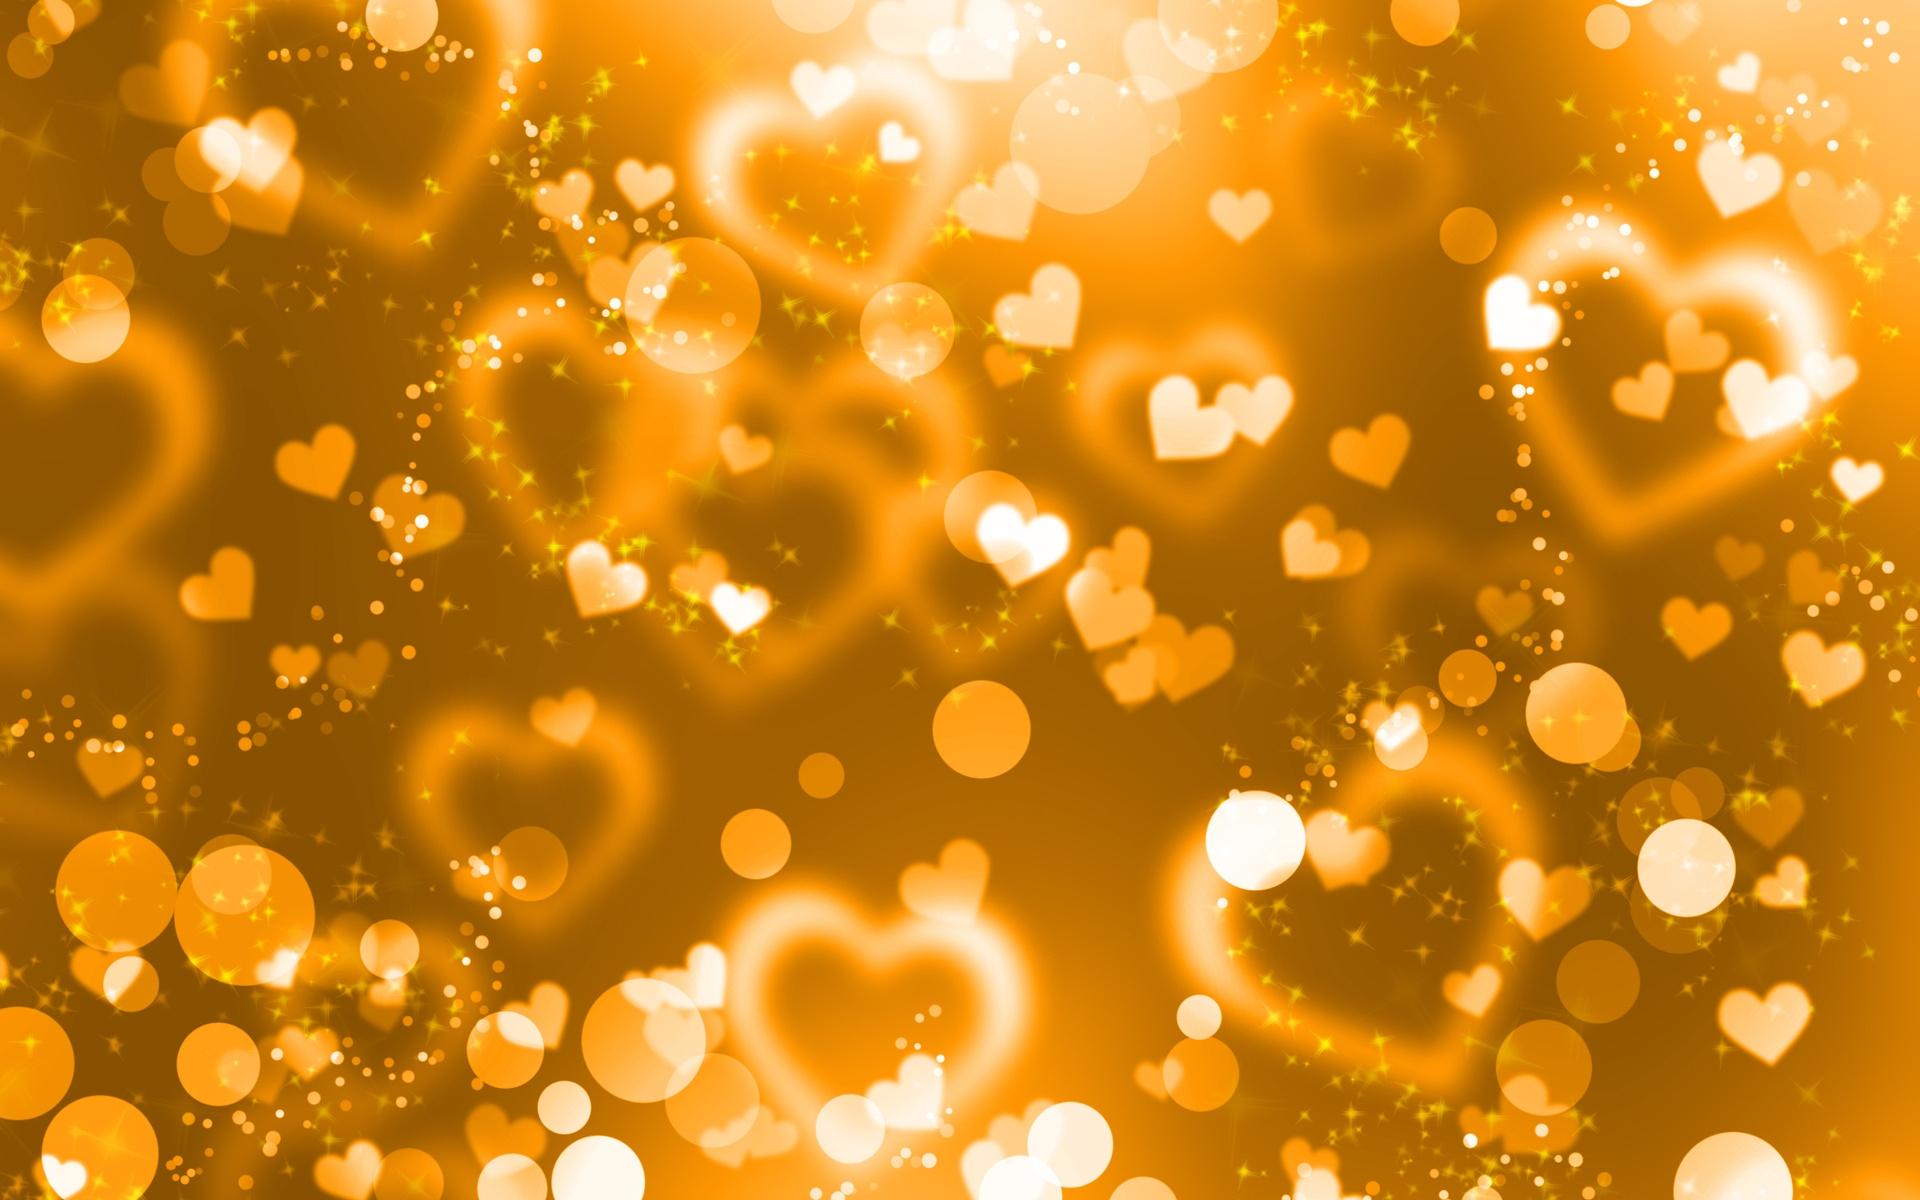 gold glitter wallpaper 26006 26690 hd wallpapers